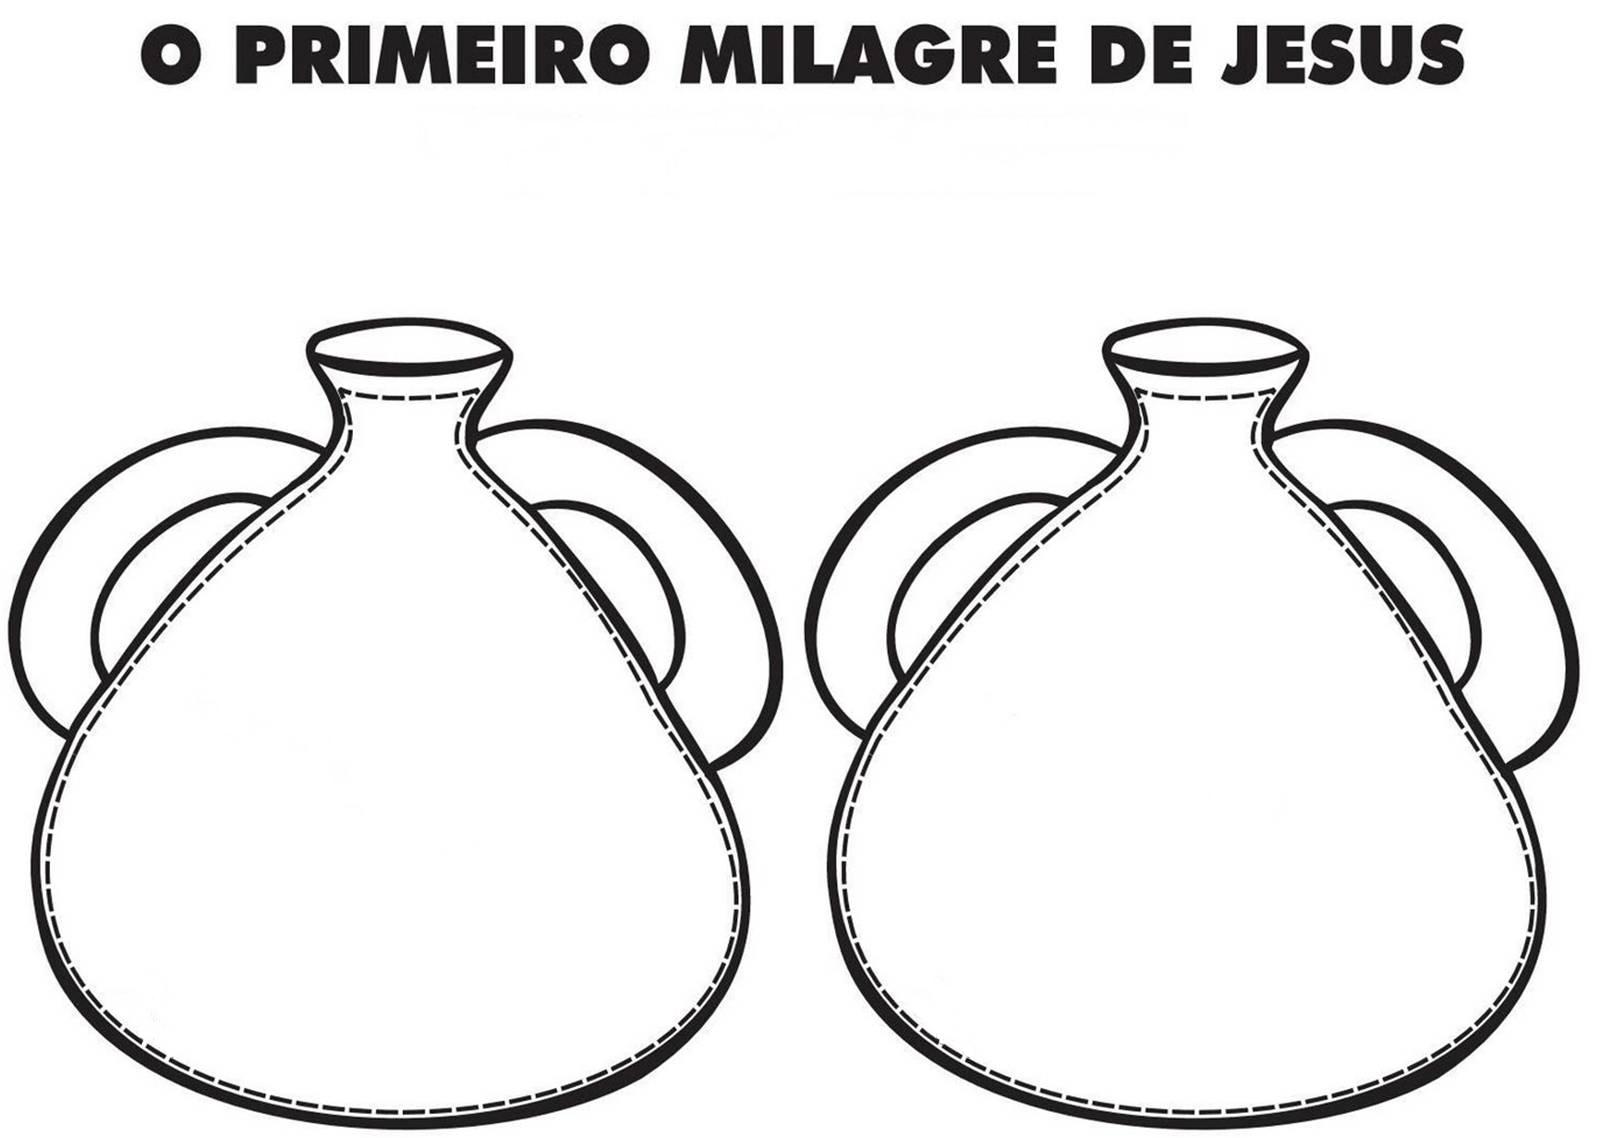 permita se jesus transforma a água em vinho